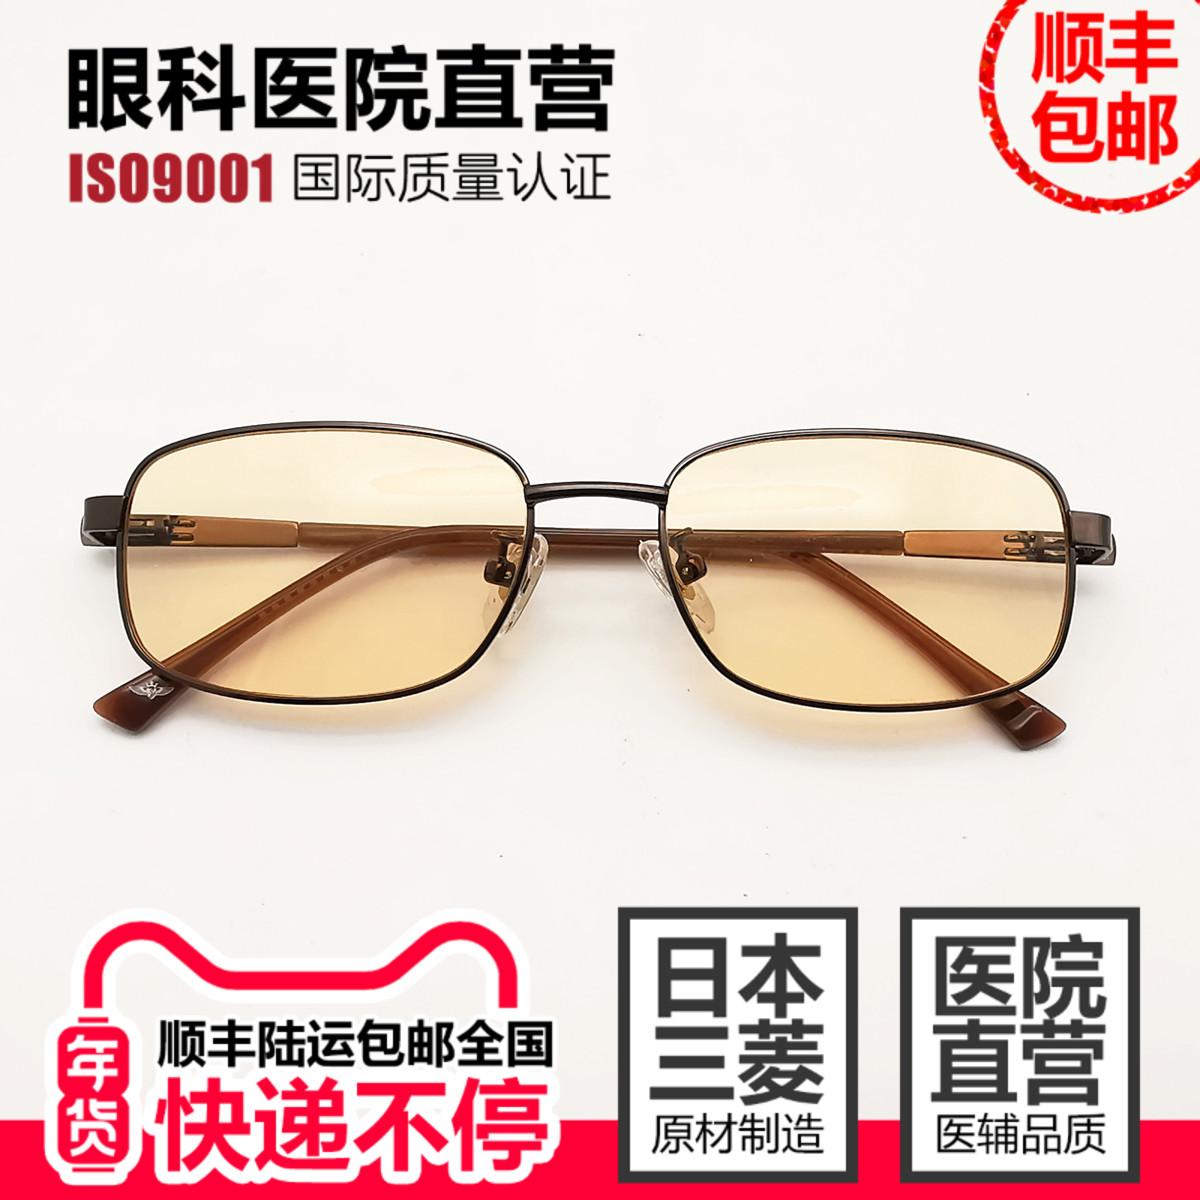 Retinable防蓝光高清老花镜抗电脑手机电视老人专用护眼辐射眼镜